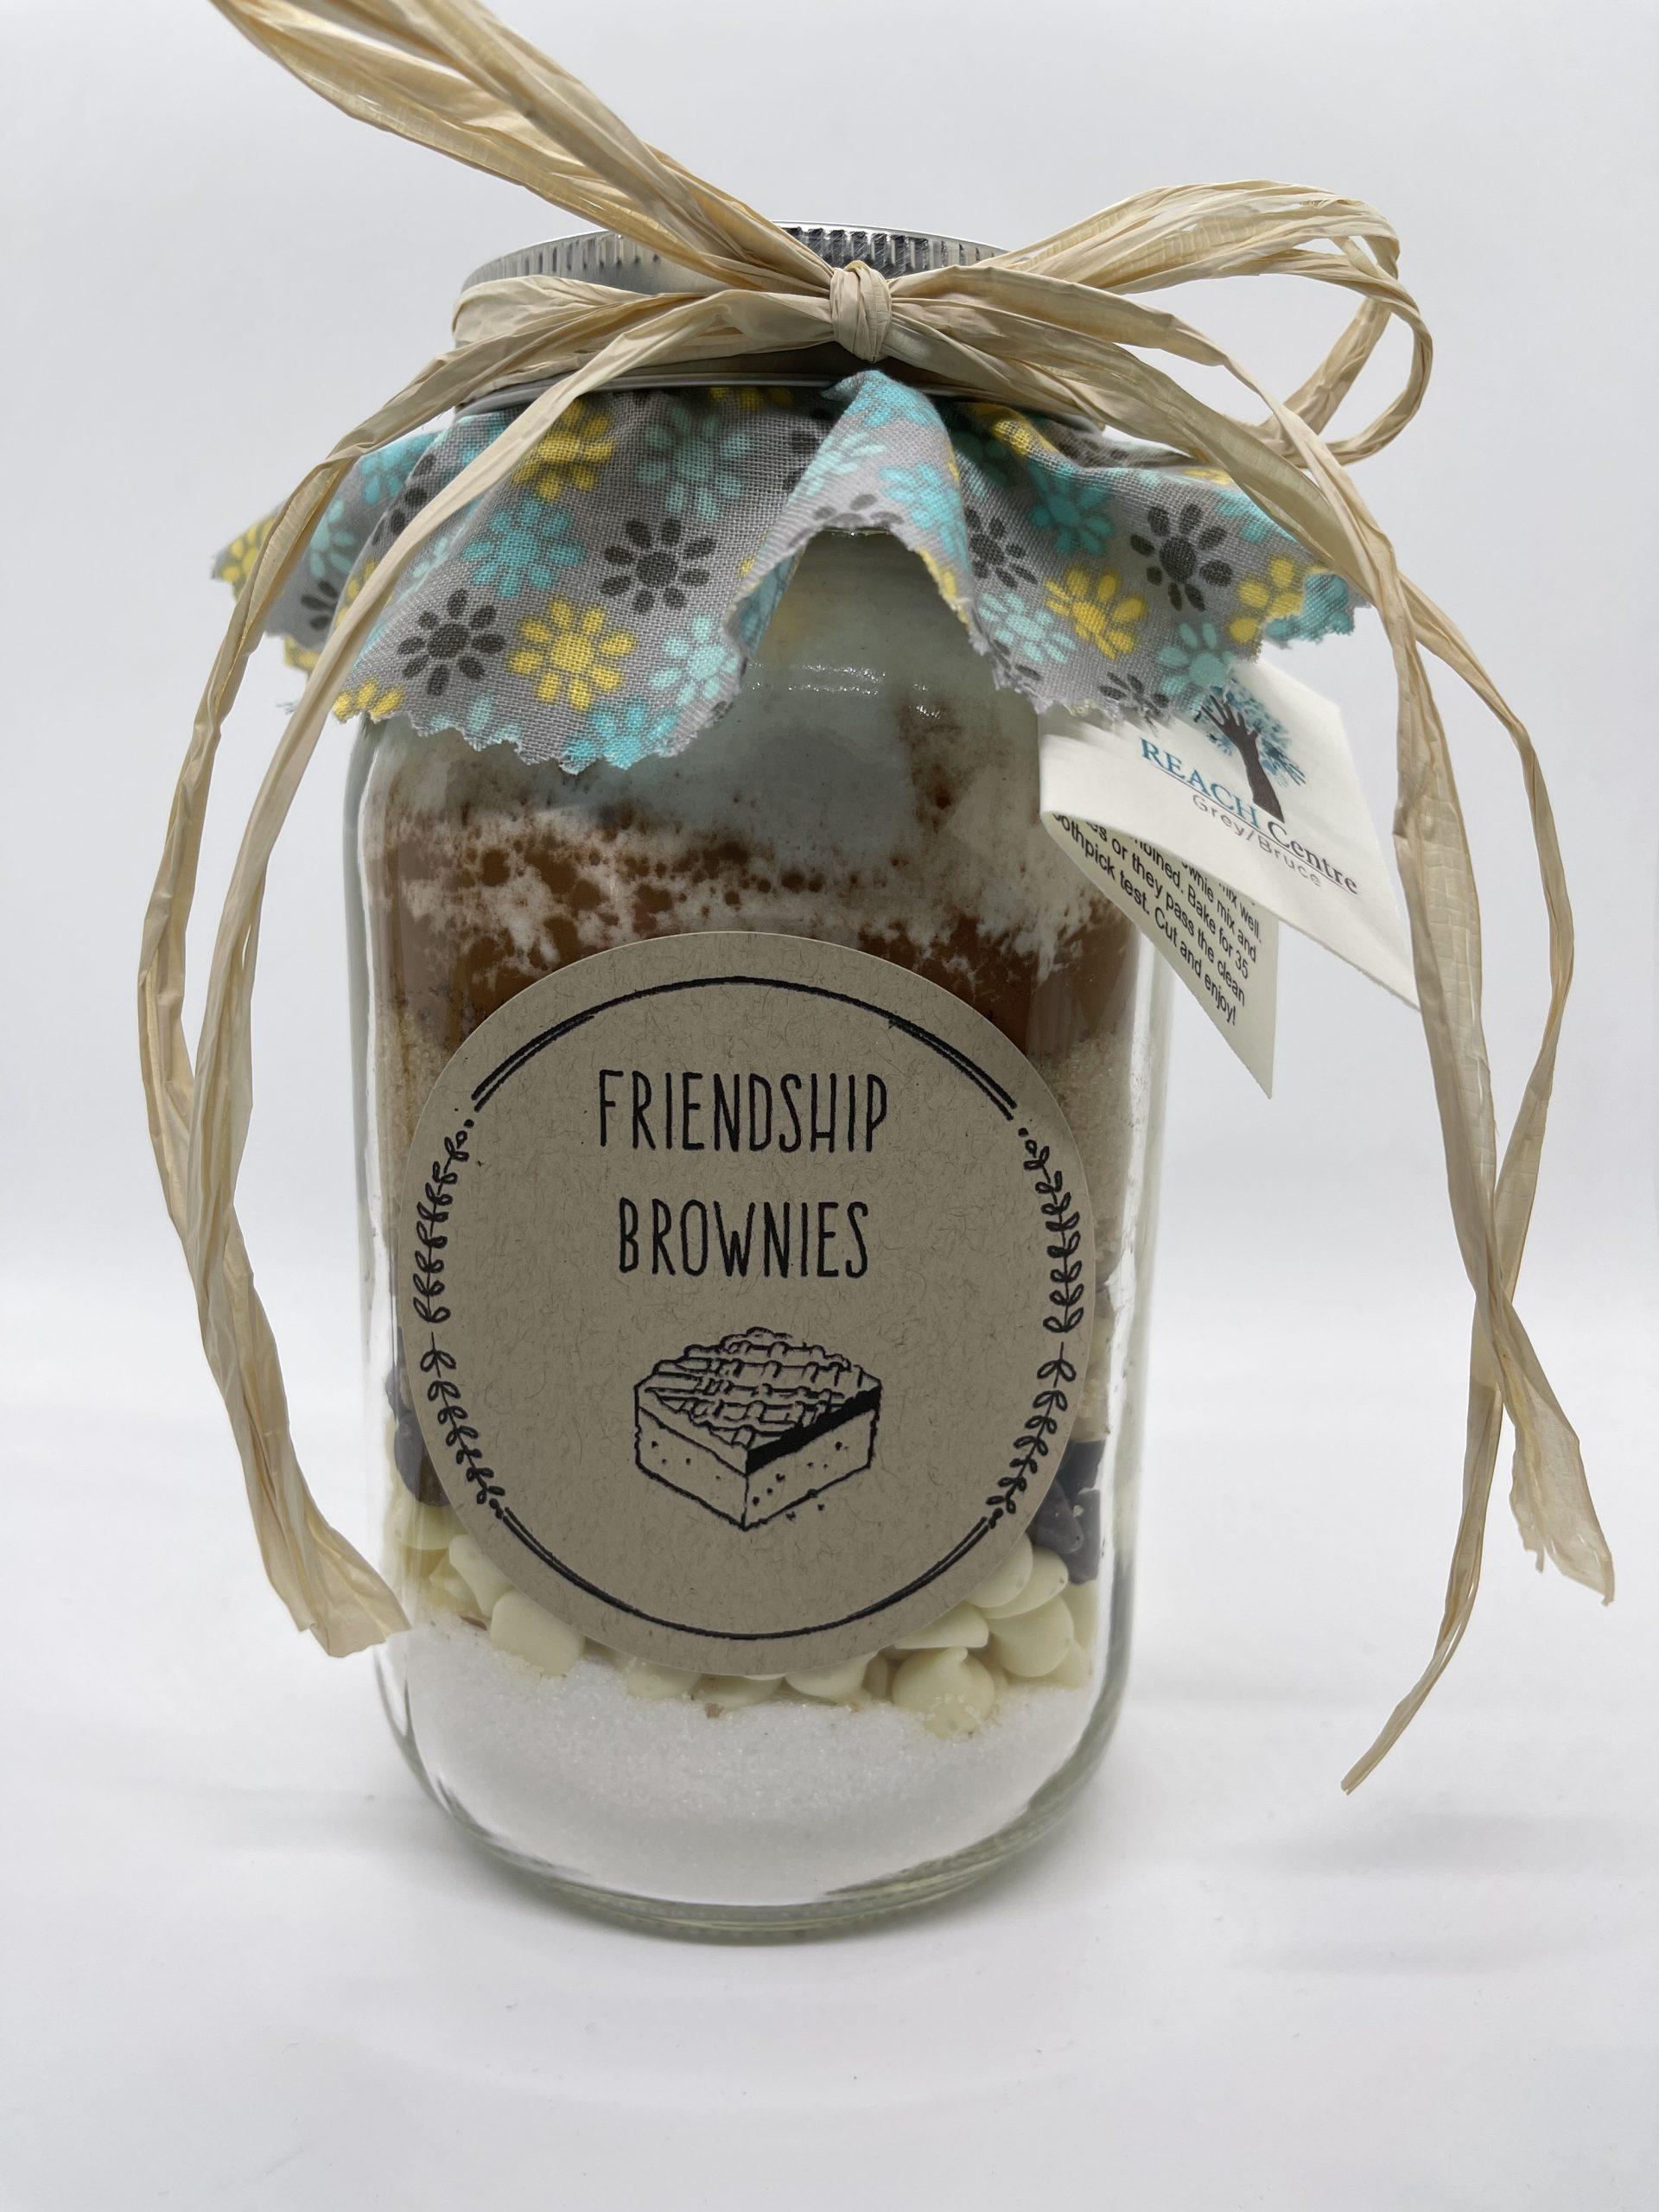 Friendship Brownies in a Jar